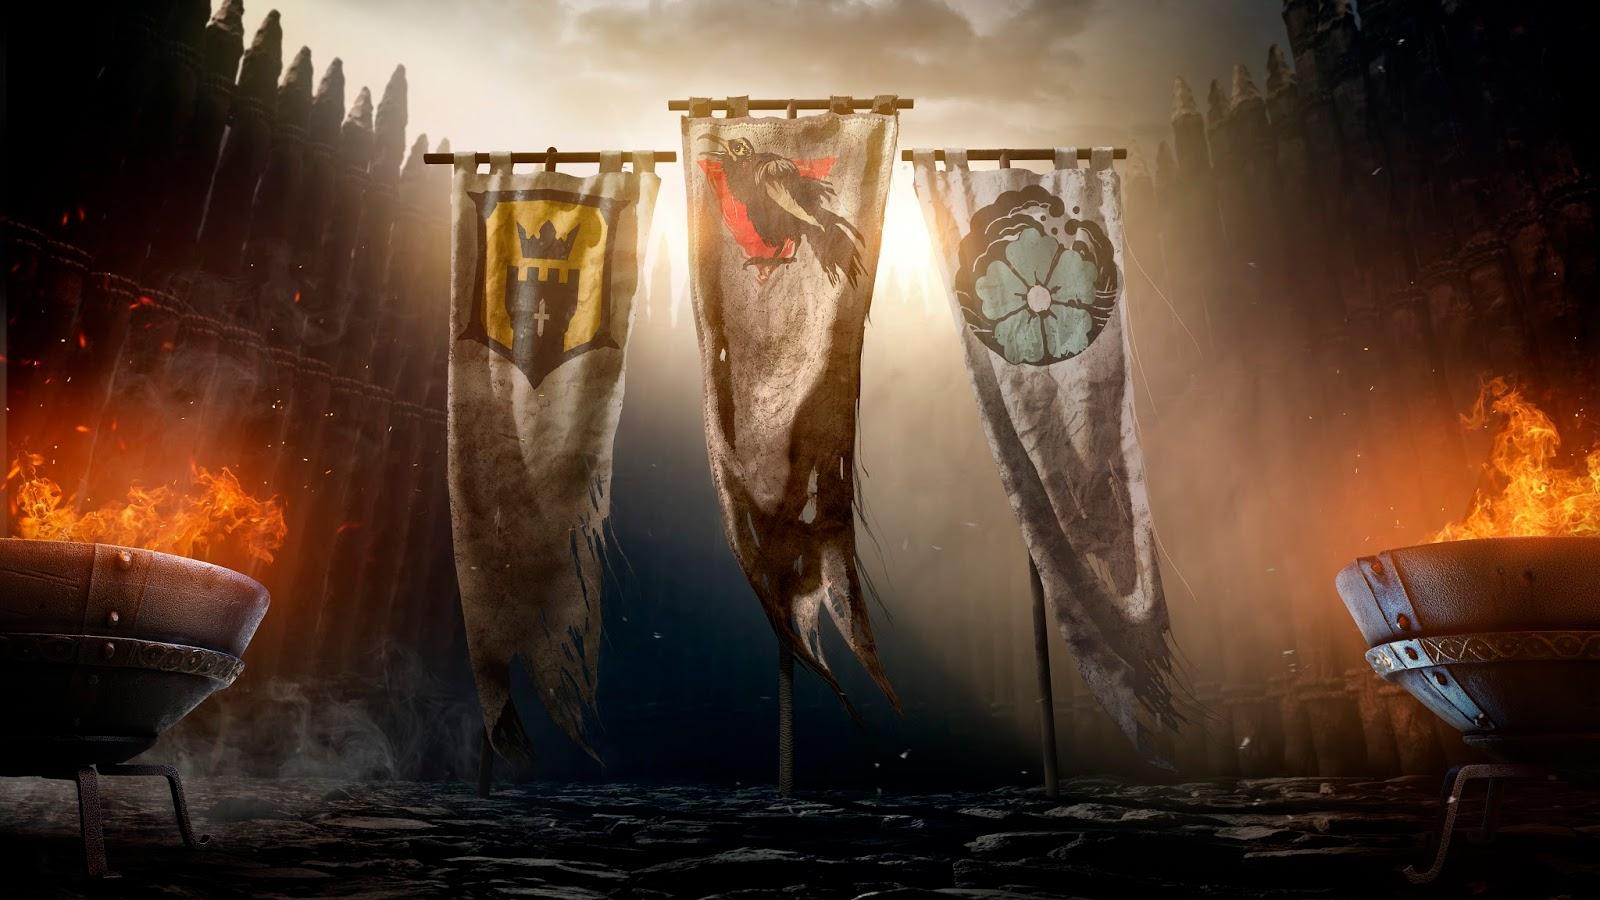 For Honor anuncia sus planes a futuro: servidores dedicados, nuevas temporadas, héroes...